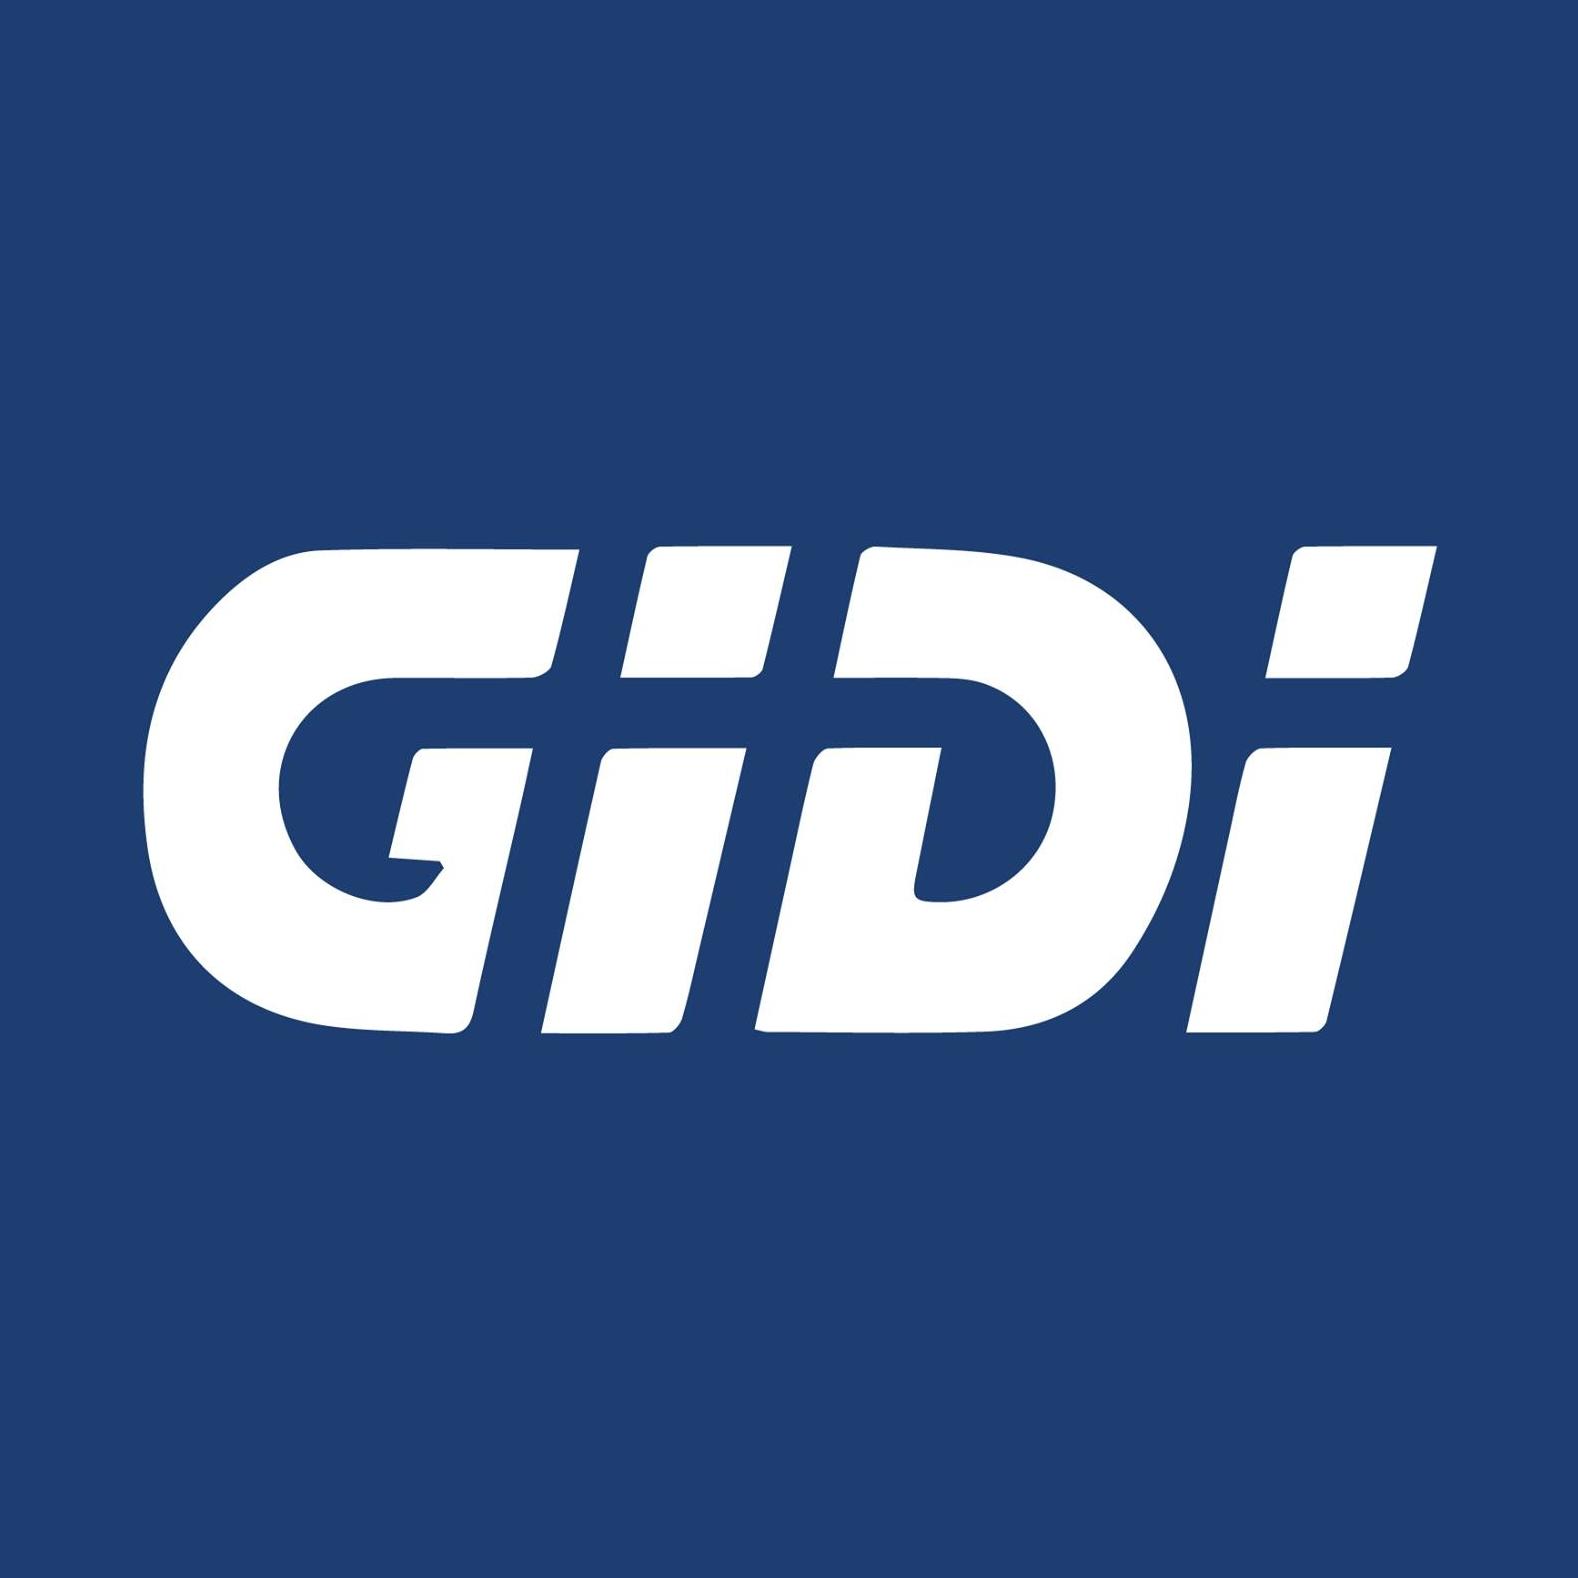 Bienvenidos a GIDI CL